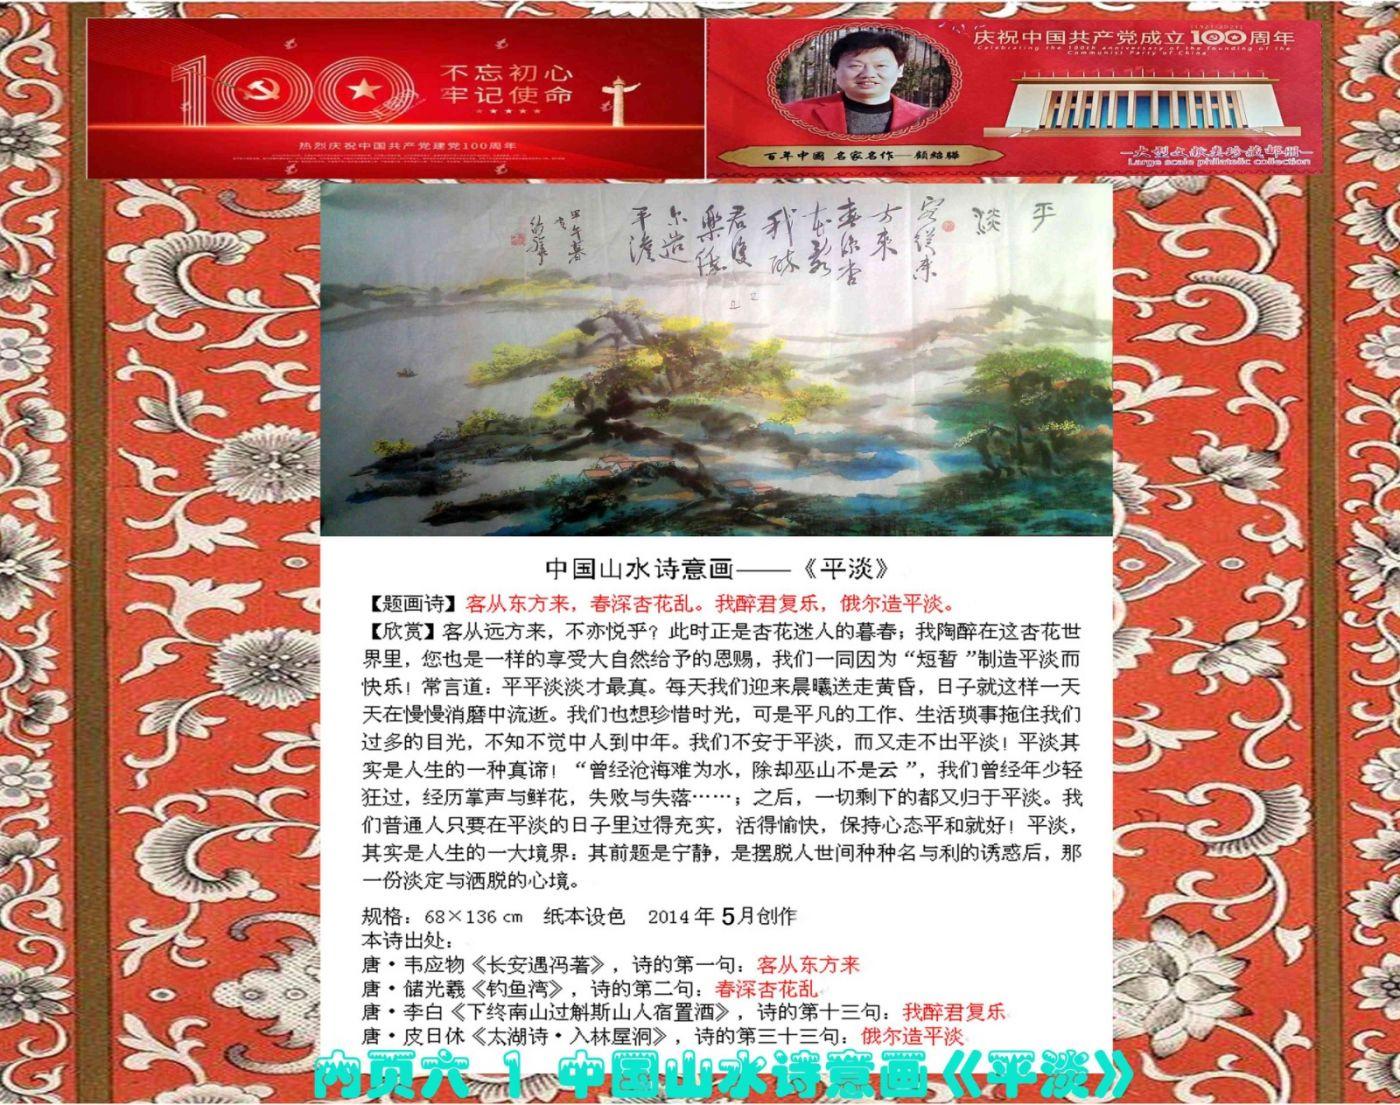 顾绍骅的诗情画意又入选《庆祝中国共产党成立100周年 百年中国名家名作》 ..._图1-17